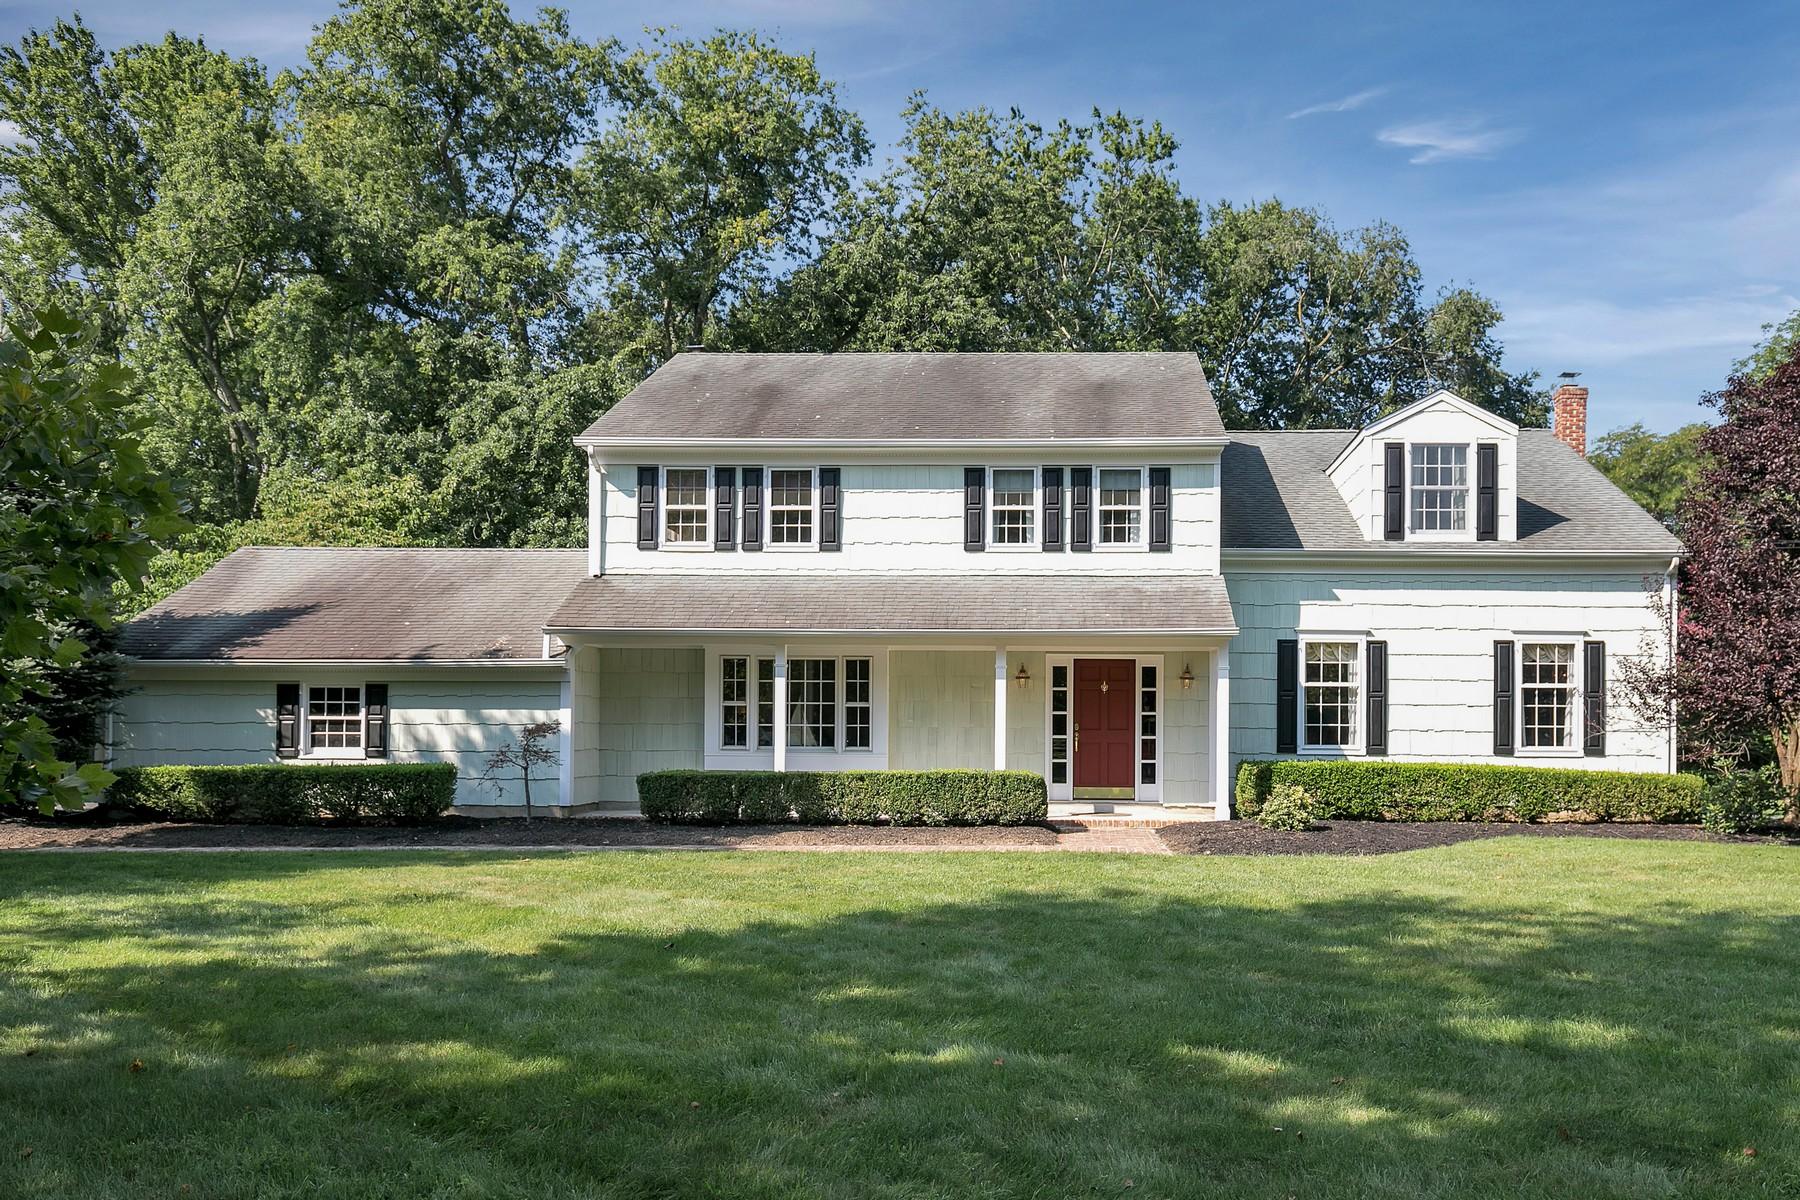 Maison unifamiliale pour l Vente à Colts Neck Beauty 3 Sycamore Place Colts Neck, New Jersey, 07722 États-Unis